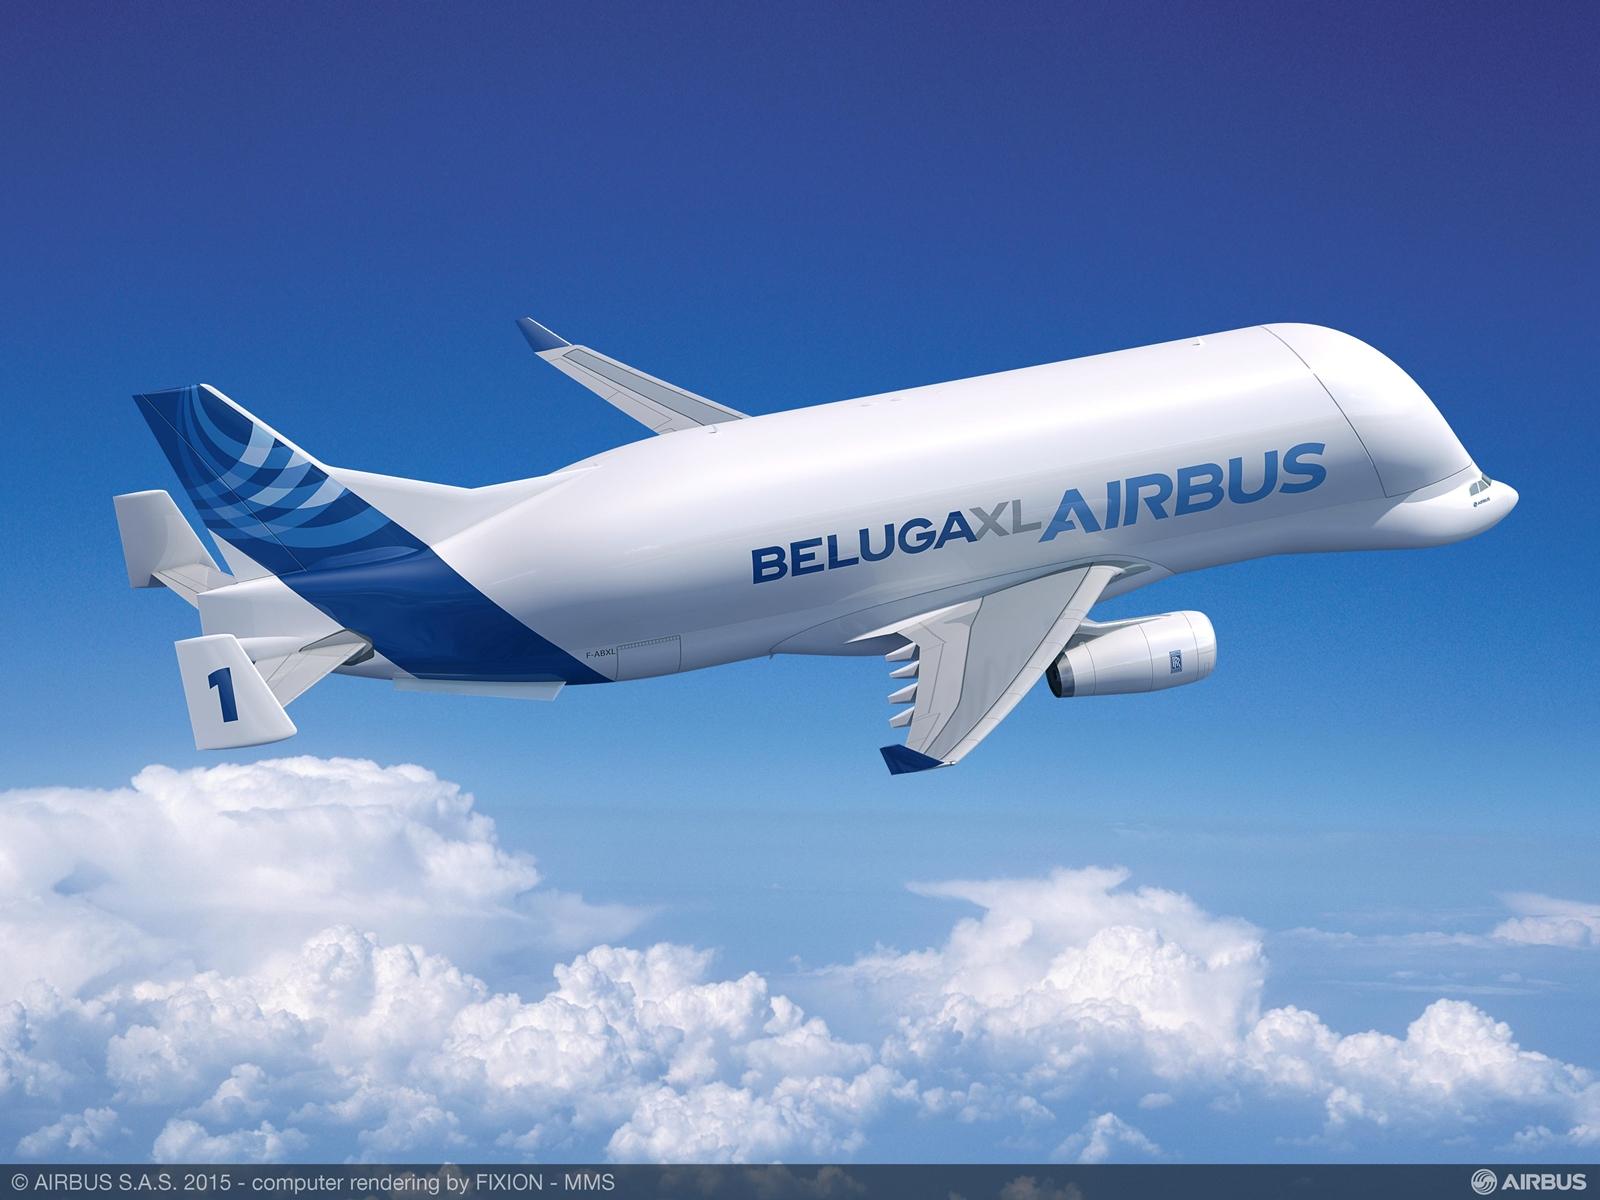 A legfrissebb, szeptemberi Beluga XL látványterv. (Forrás: Airbus) | © AIRportal.hu